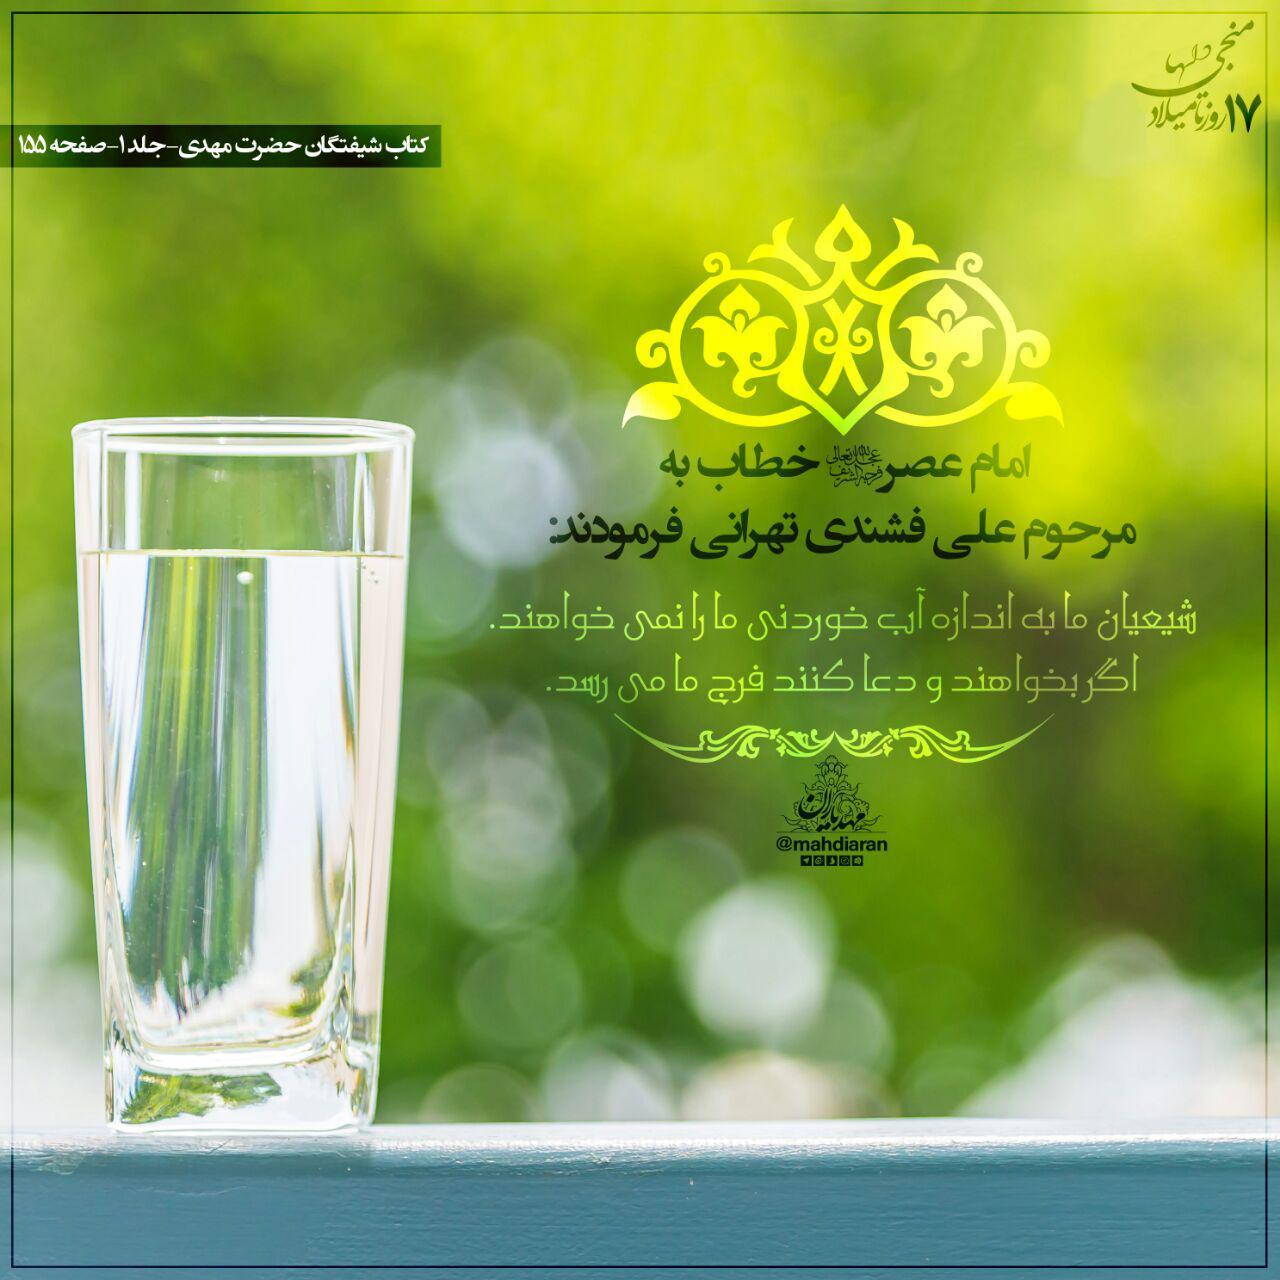 🔆 امام مهدی: شیعیان ما به اندازه آب خوردنی ما را نمی خواهند...